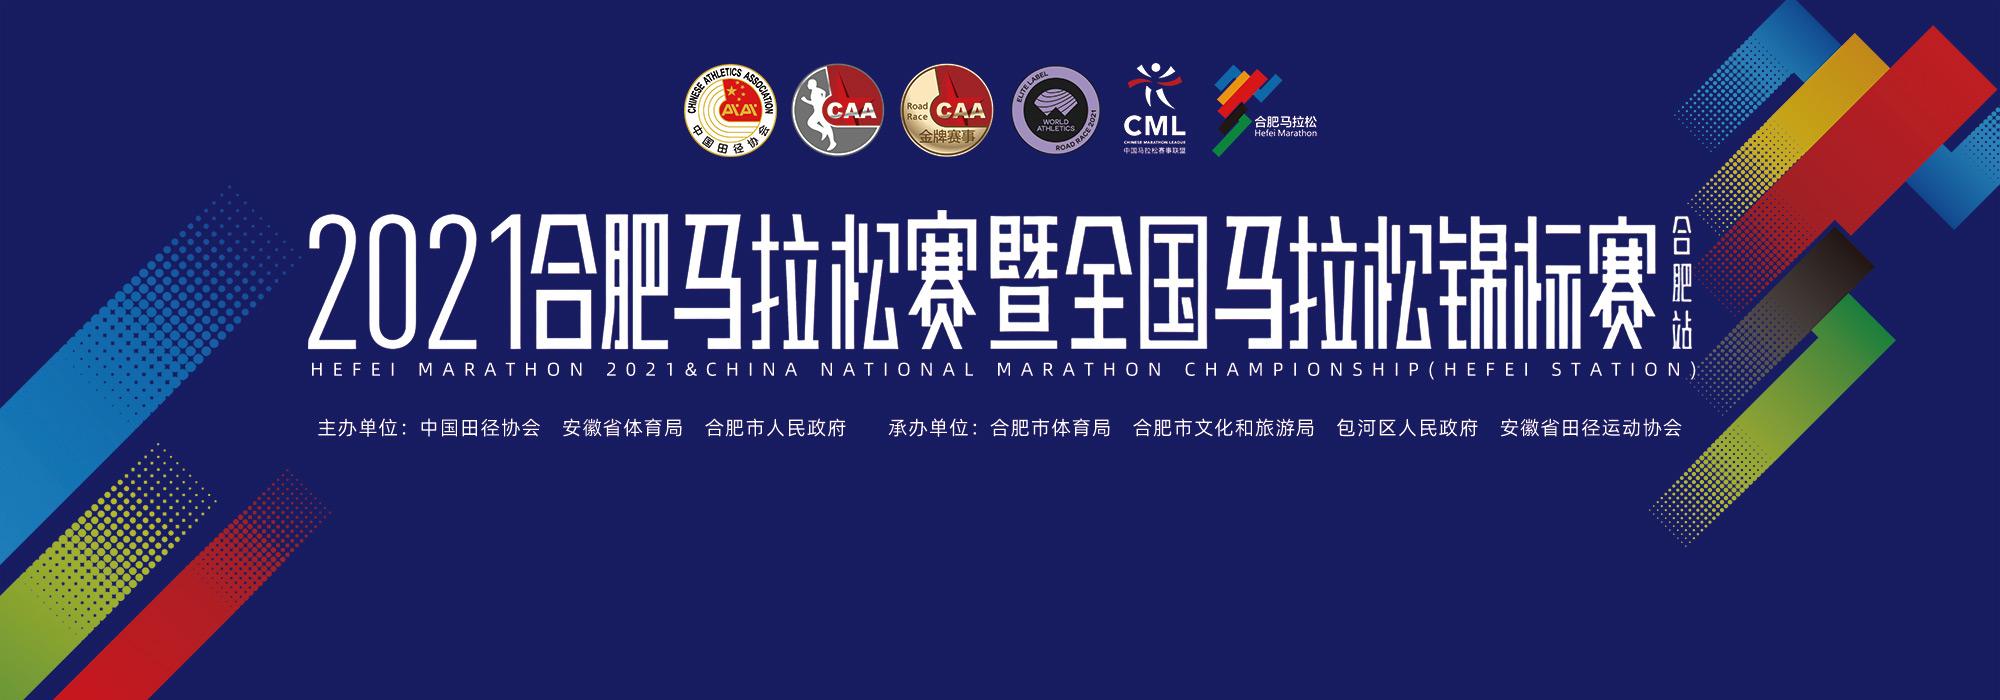 徽商银行2021合肥马拉松赛暨全国马拉松锦标赛(合肥站)竞赛<a  data-cke-saved-href=http://www.51guanfang.com/zhinan/ href=http://www.51guanfang.com/zhinan/ target=_blank class=infotextkey>规程</a>